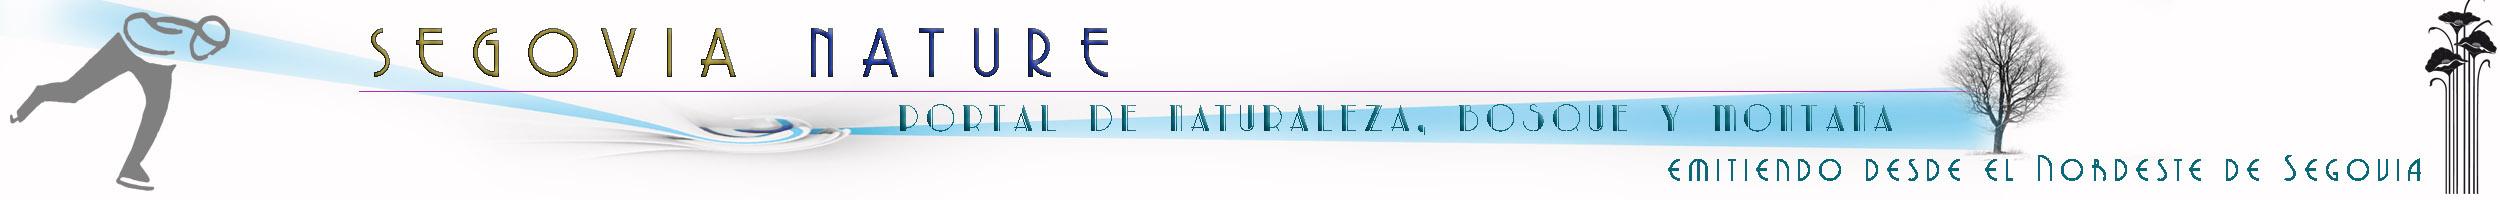 SN-Portal-de-Naturaleza-01